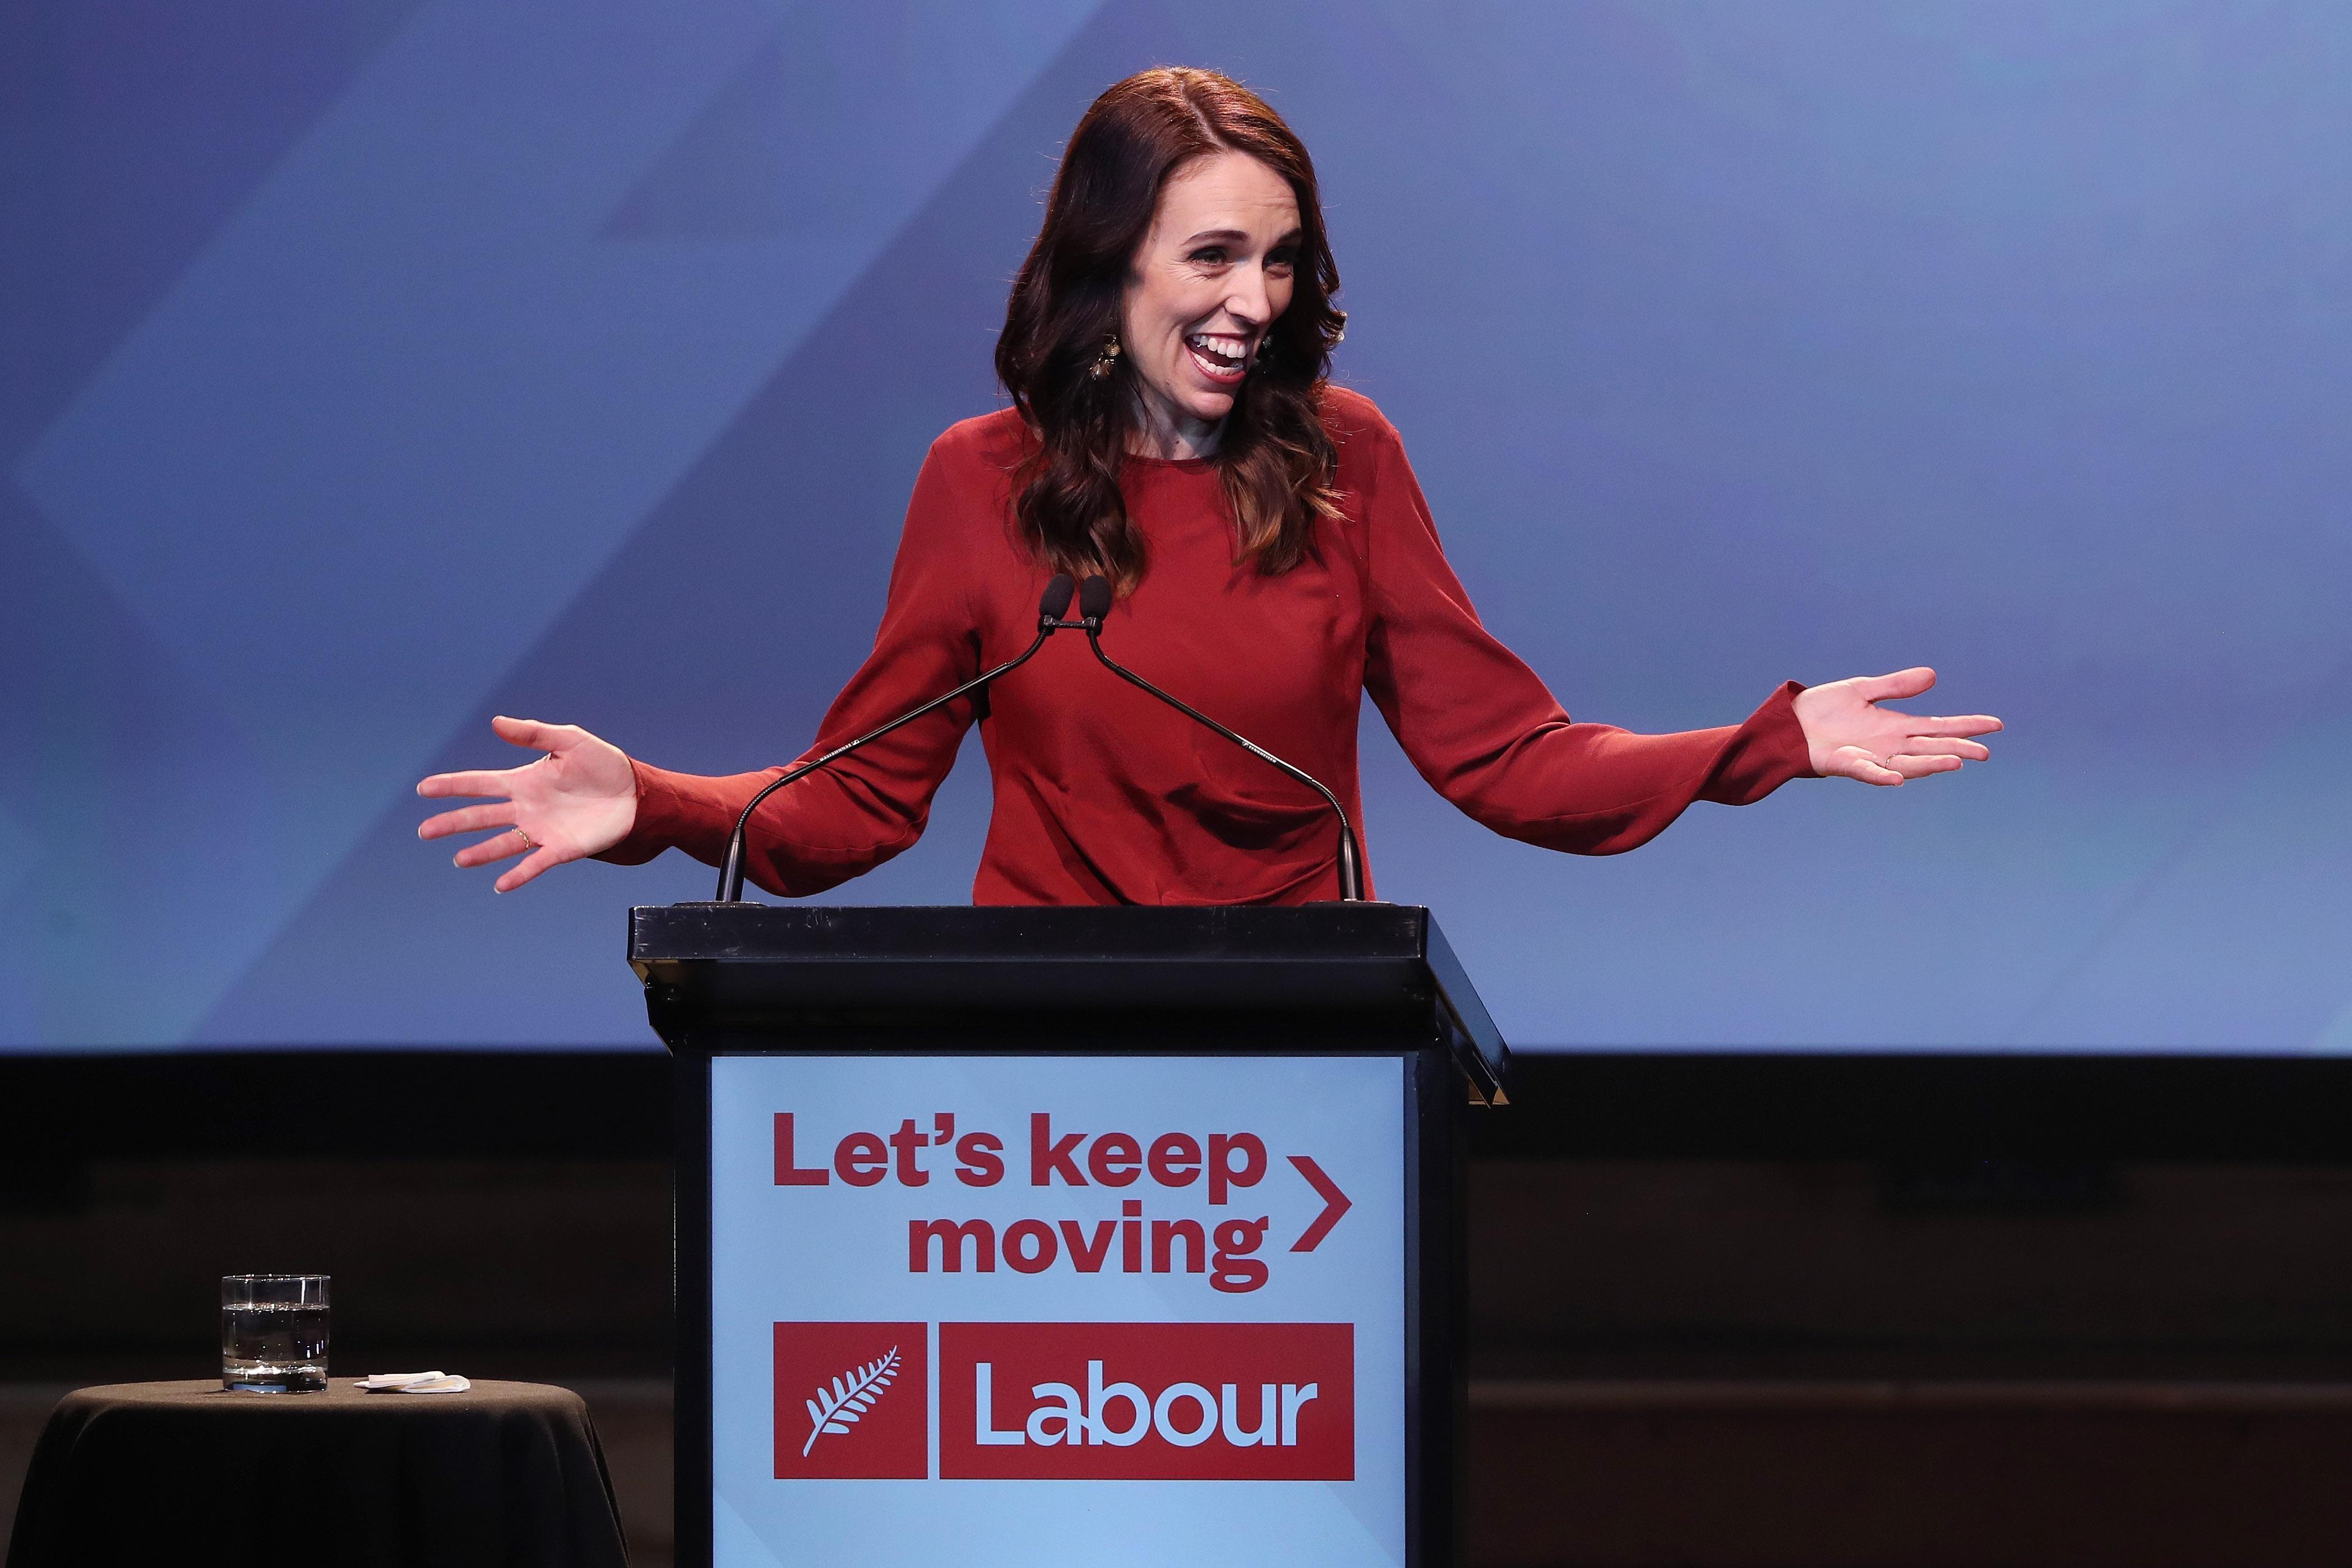 New Zealand Prime Minister Jacinda Ardern wins second term by landslide.